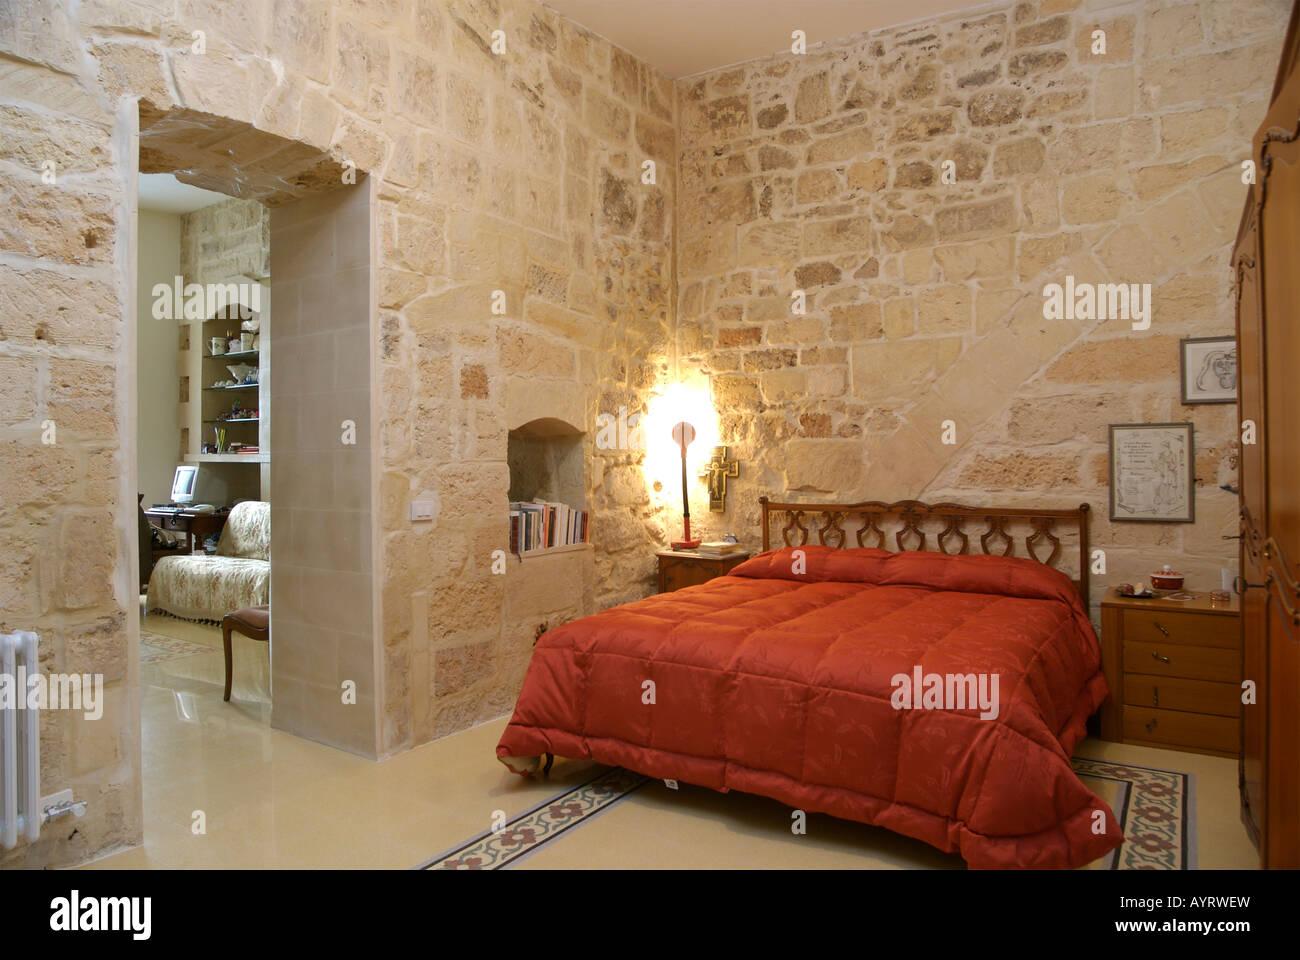 Riscaldare Camera Da Letto riscaldare la camera da letto in stile rustico con tipici